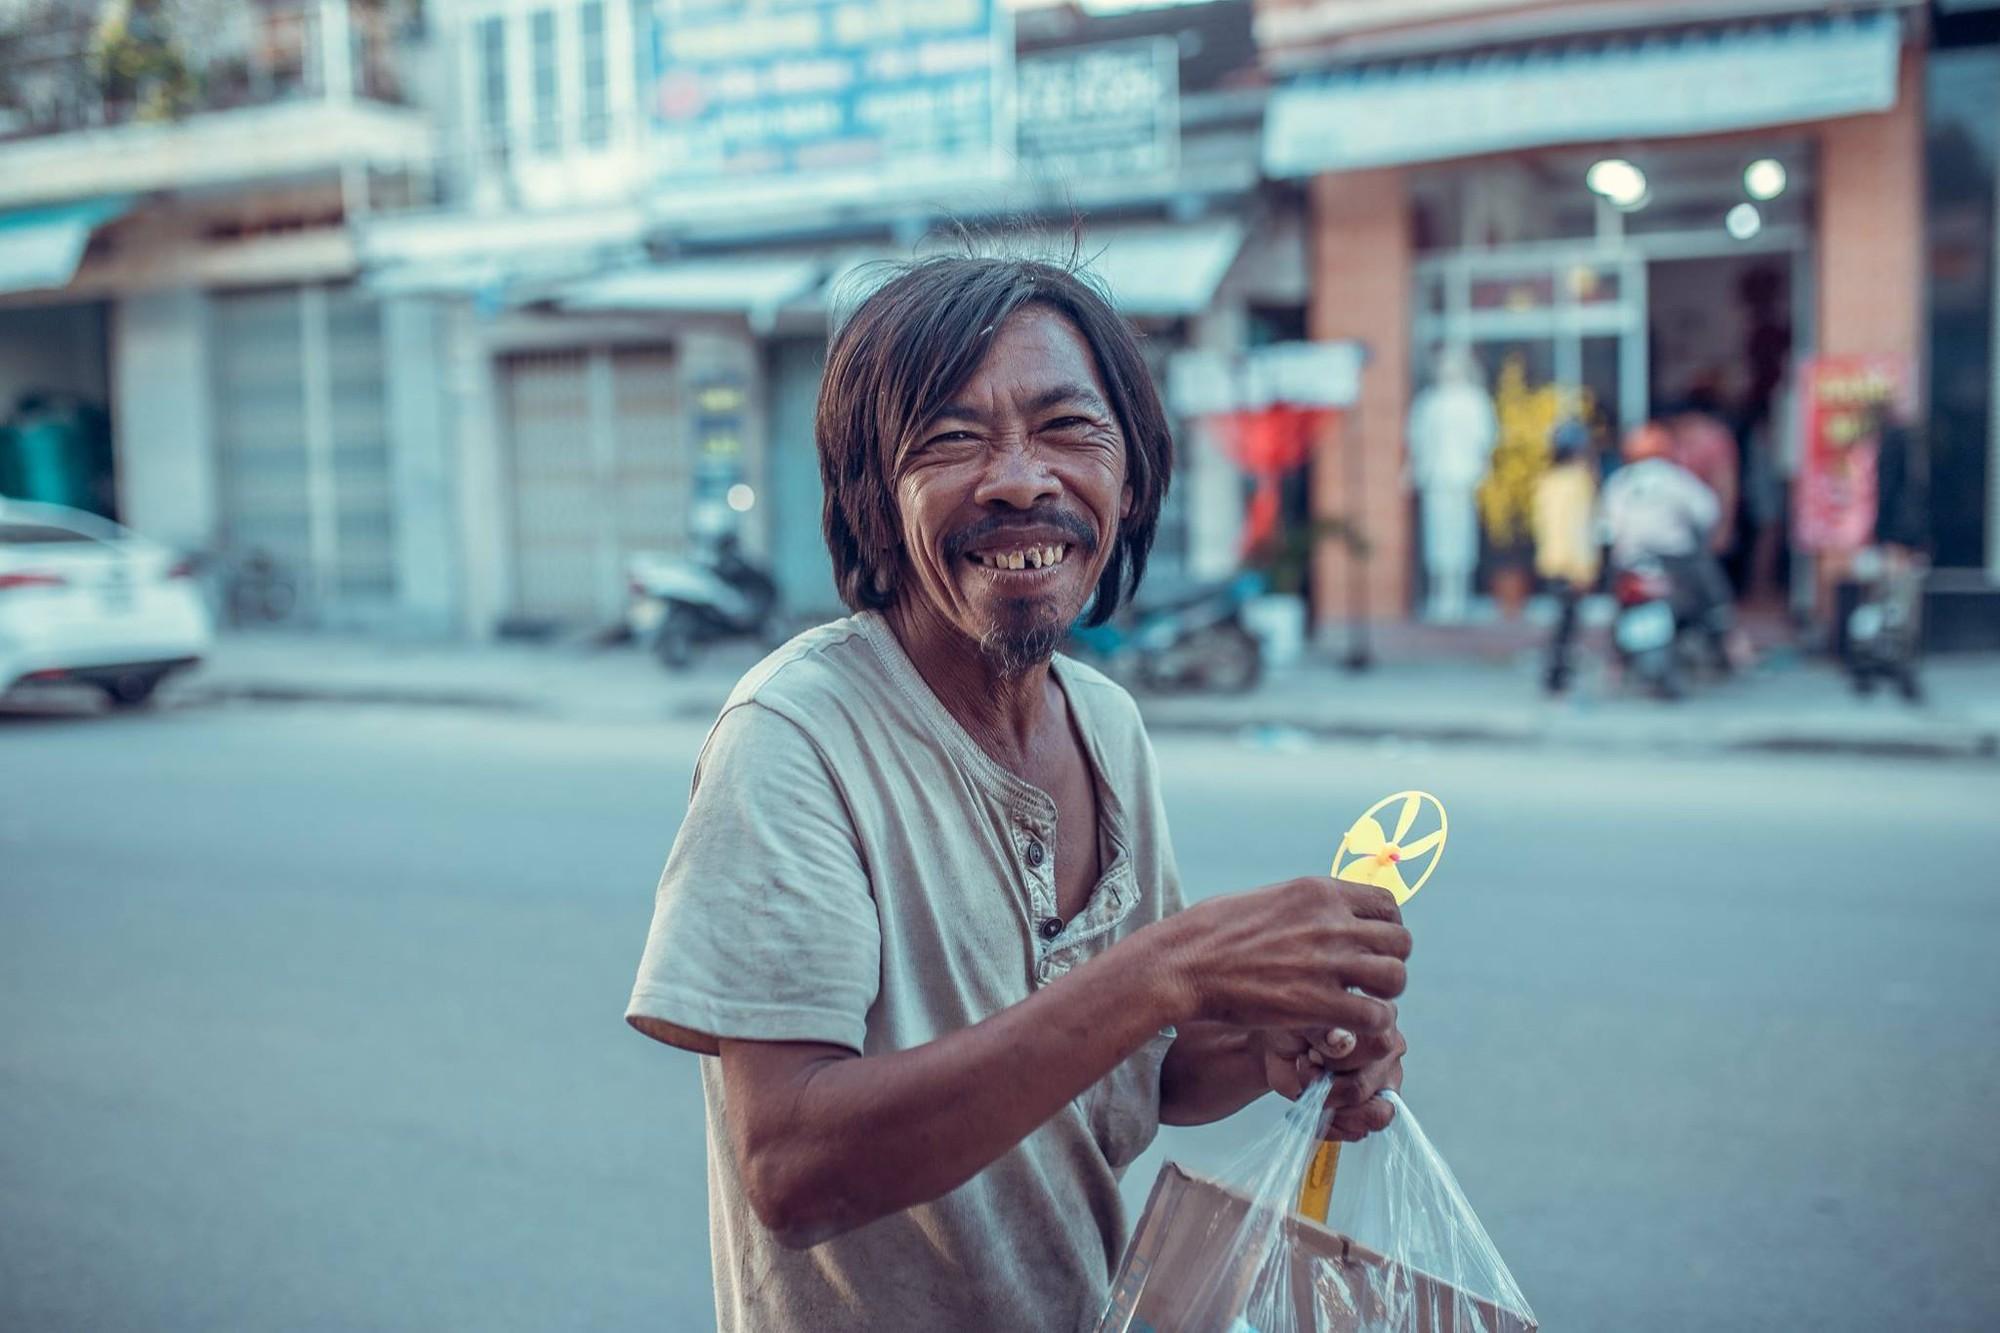 Nụ cười vô lo của người đàn ông lang thang khiến nhiều người cảm thấy bình yên: Dù giàu hay nghèo hãy luôn hạnh phúc với hiện tại-2